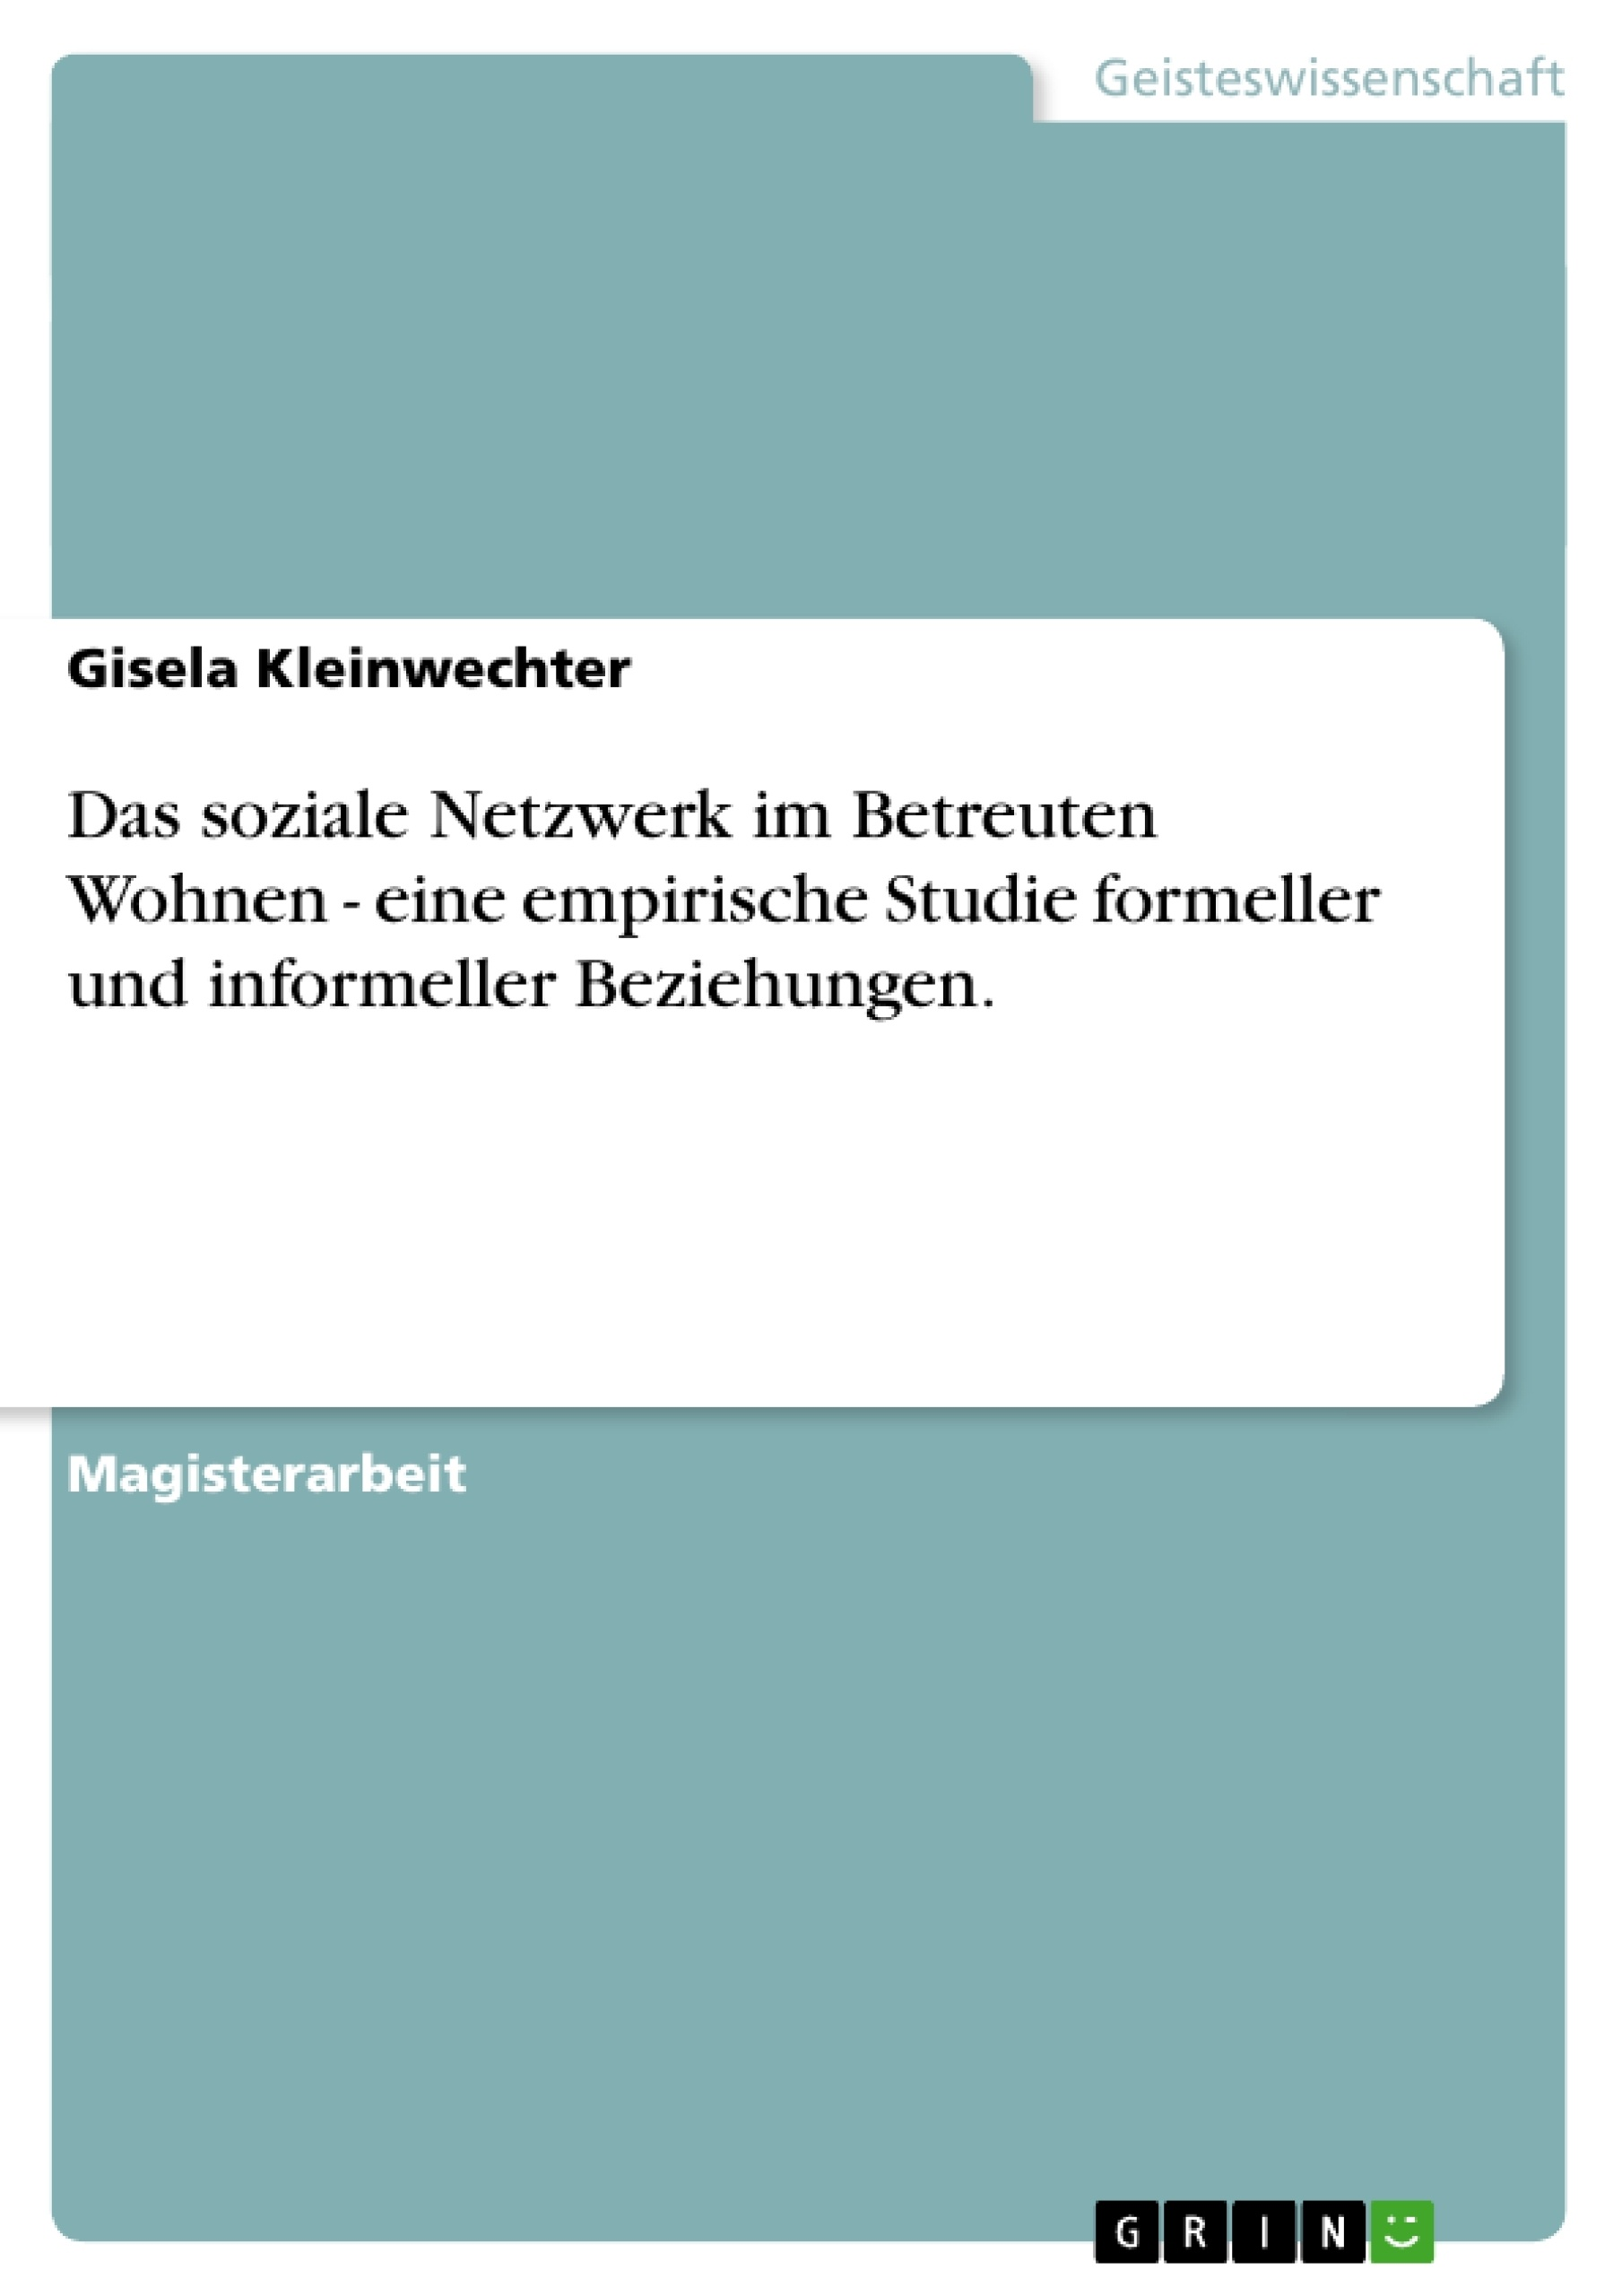 Titel: Das soziale Netzwerk im Betreuten Wohnen - eine empirische Studie formeller und informeller Beziehungen.